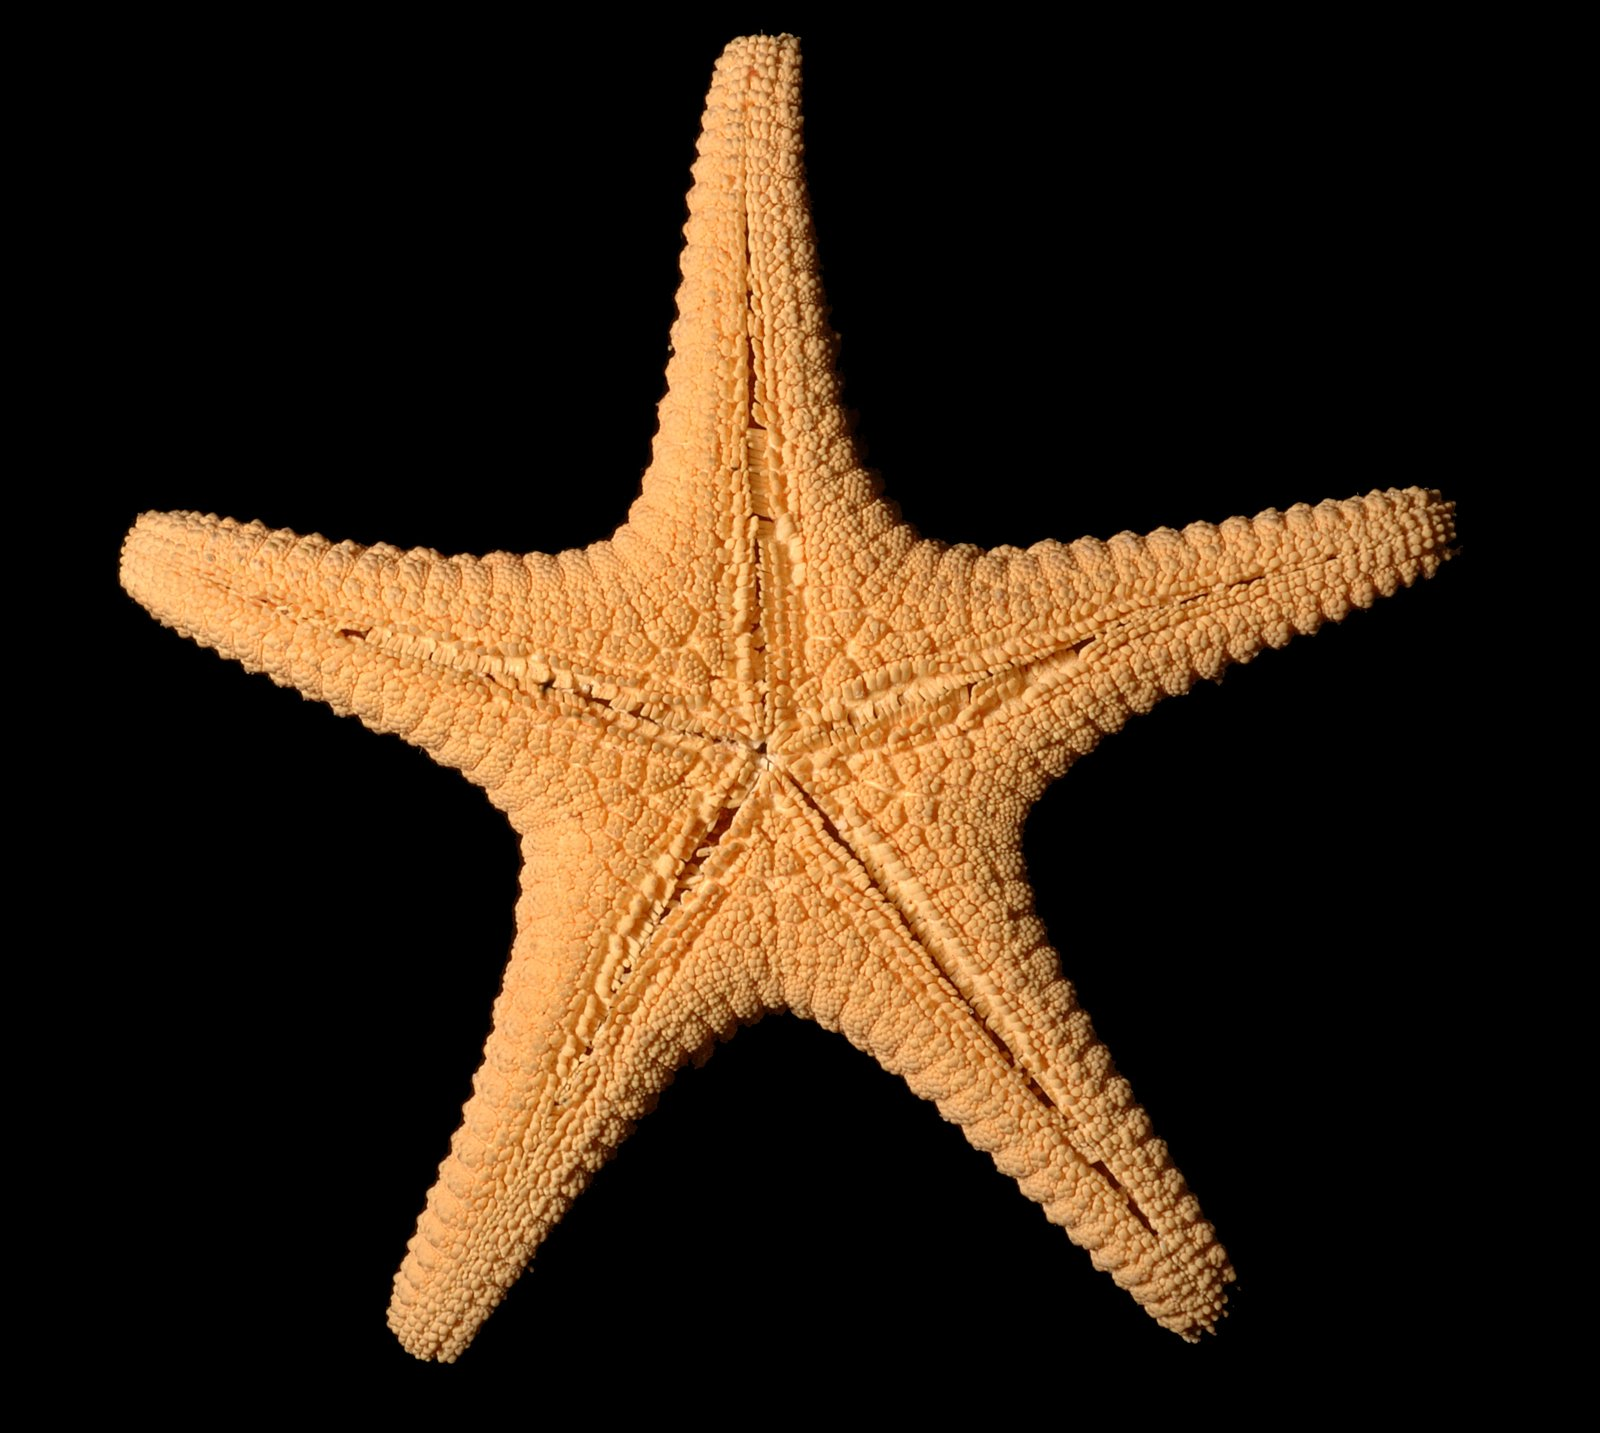 J7743 Nectria ocellata